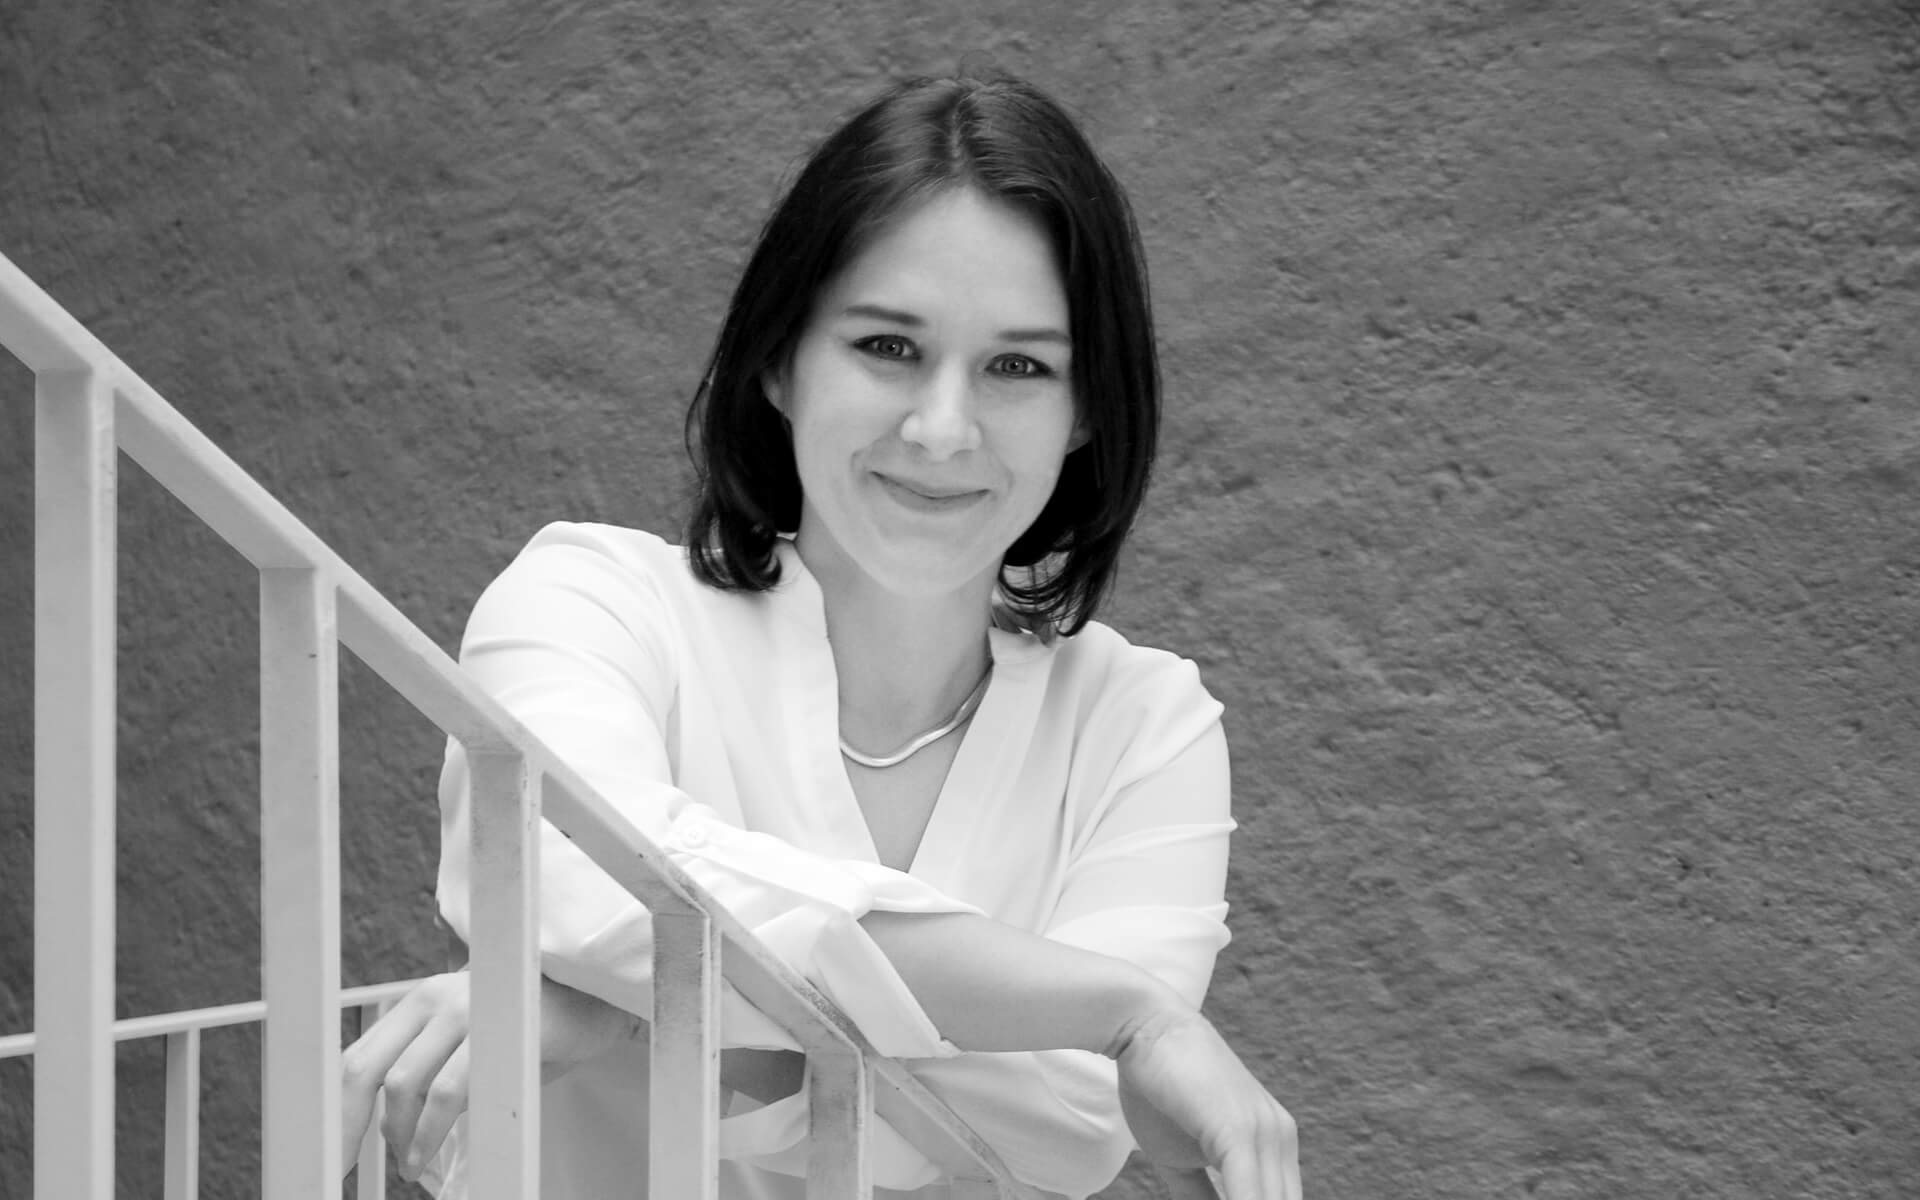 Manuela Plaichner Foto Portrait